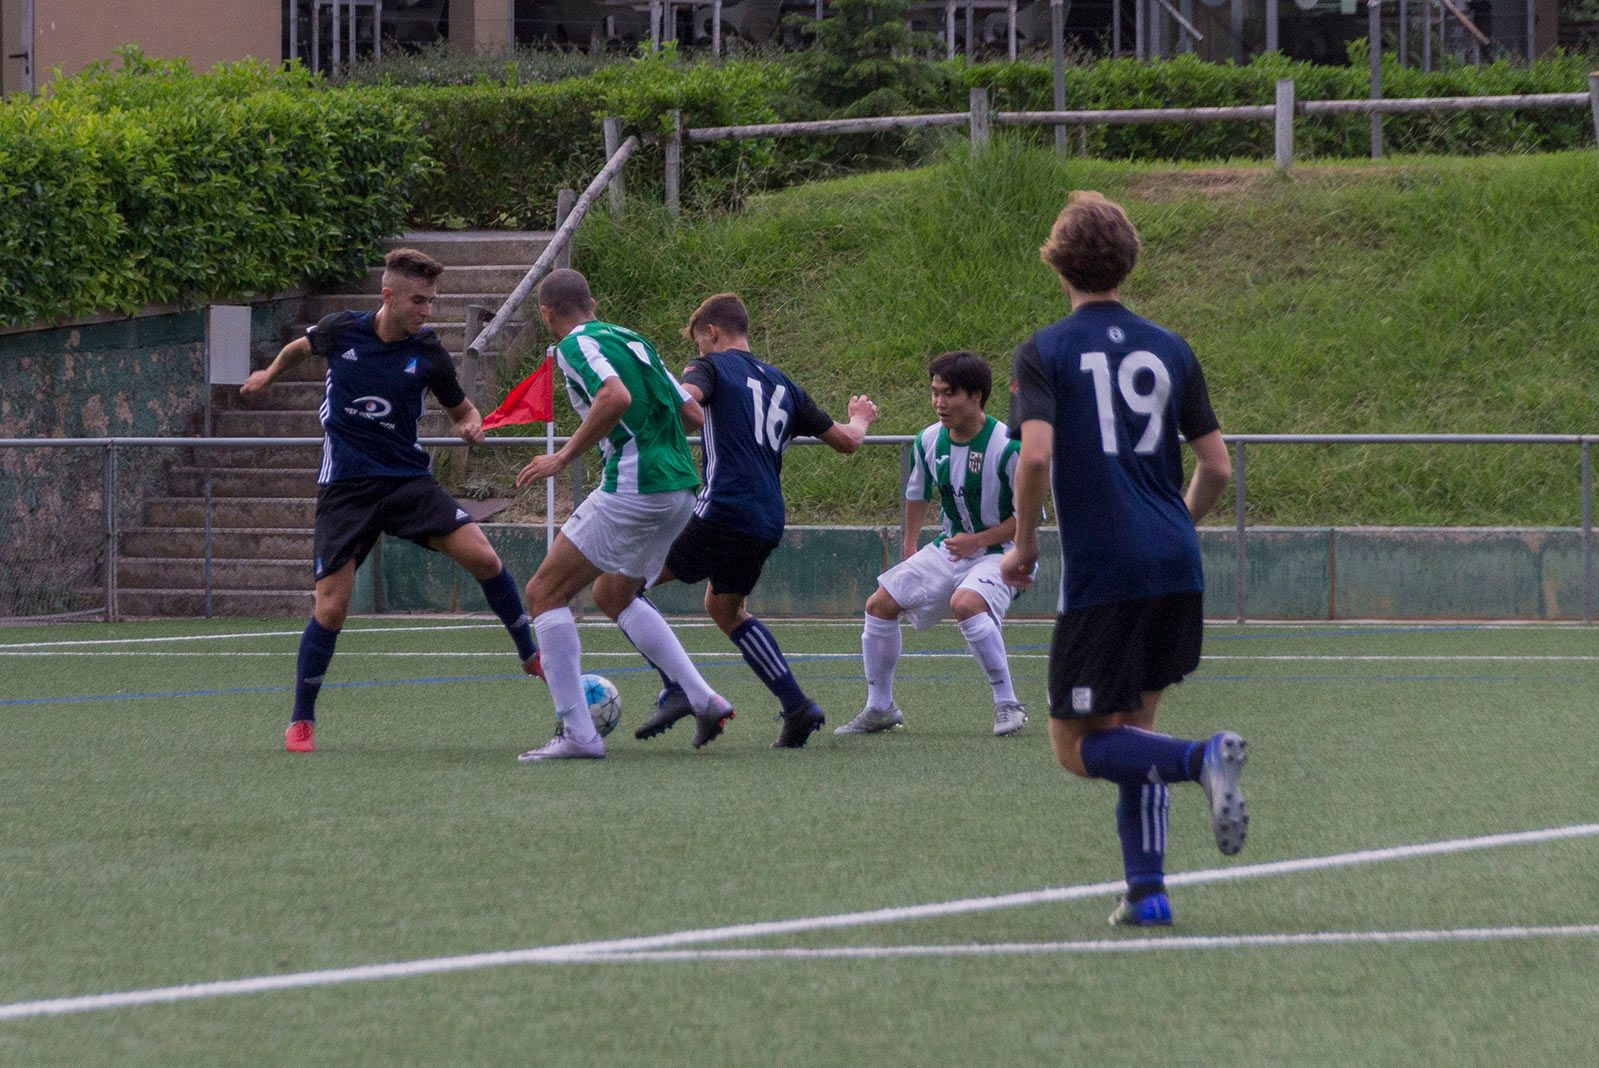 Partit de lliga Atlètic Junior-UD Unificación Bellvitge. FOTO: Paula Galván